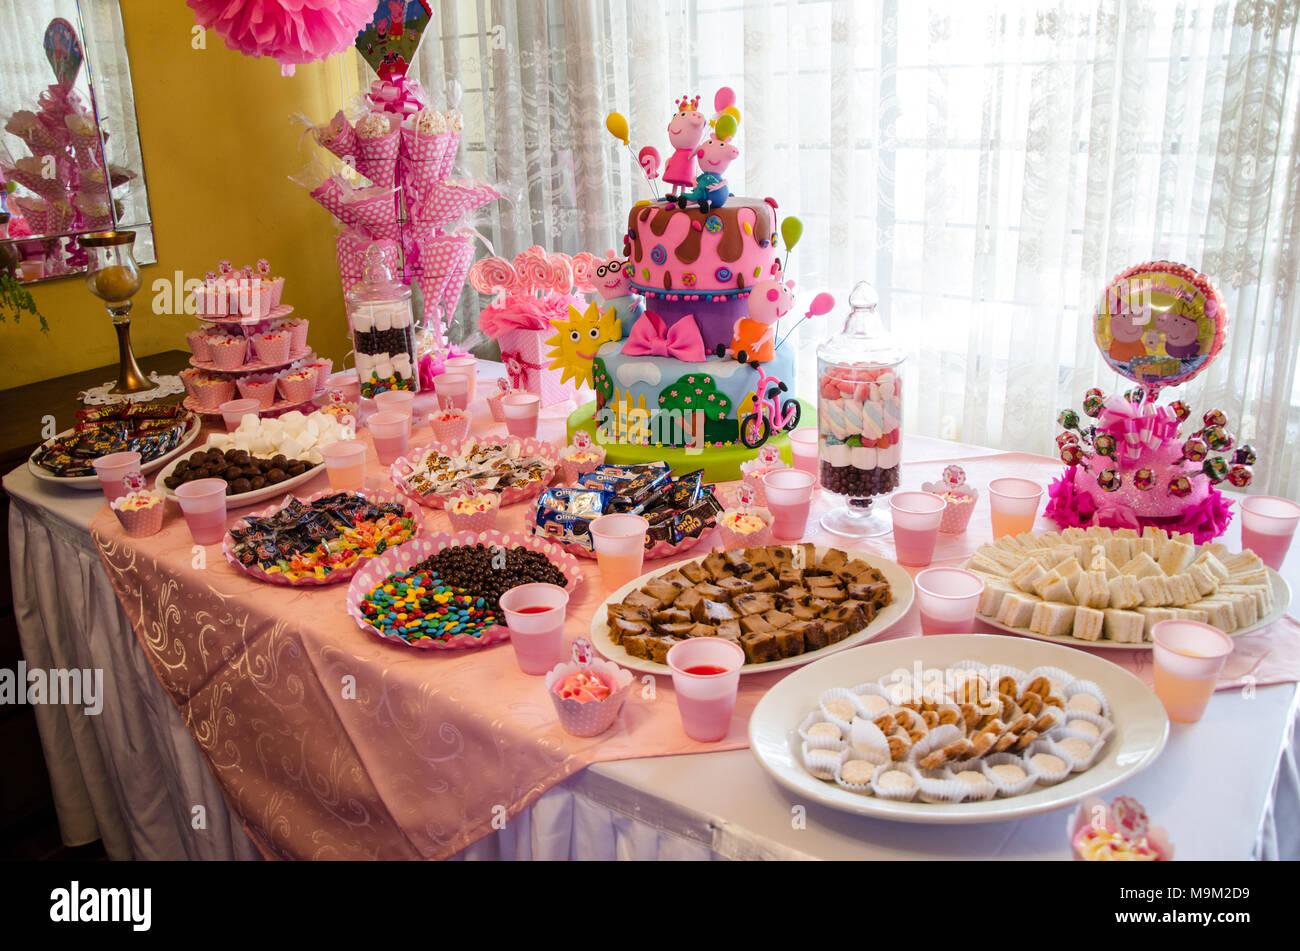 Children S Party Dekoration Kuchen Und Sussigkeiten Stockfoto Bild